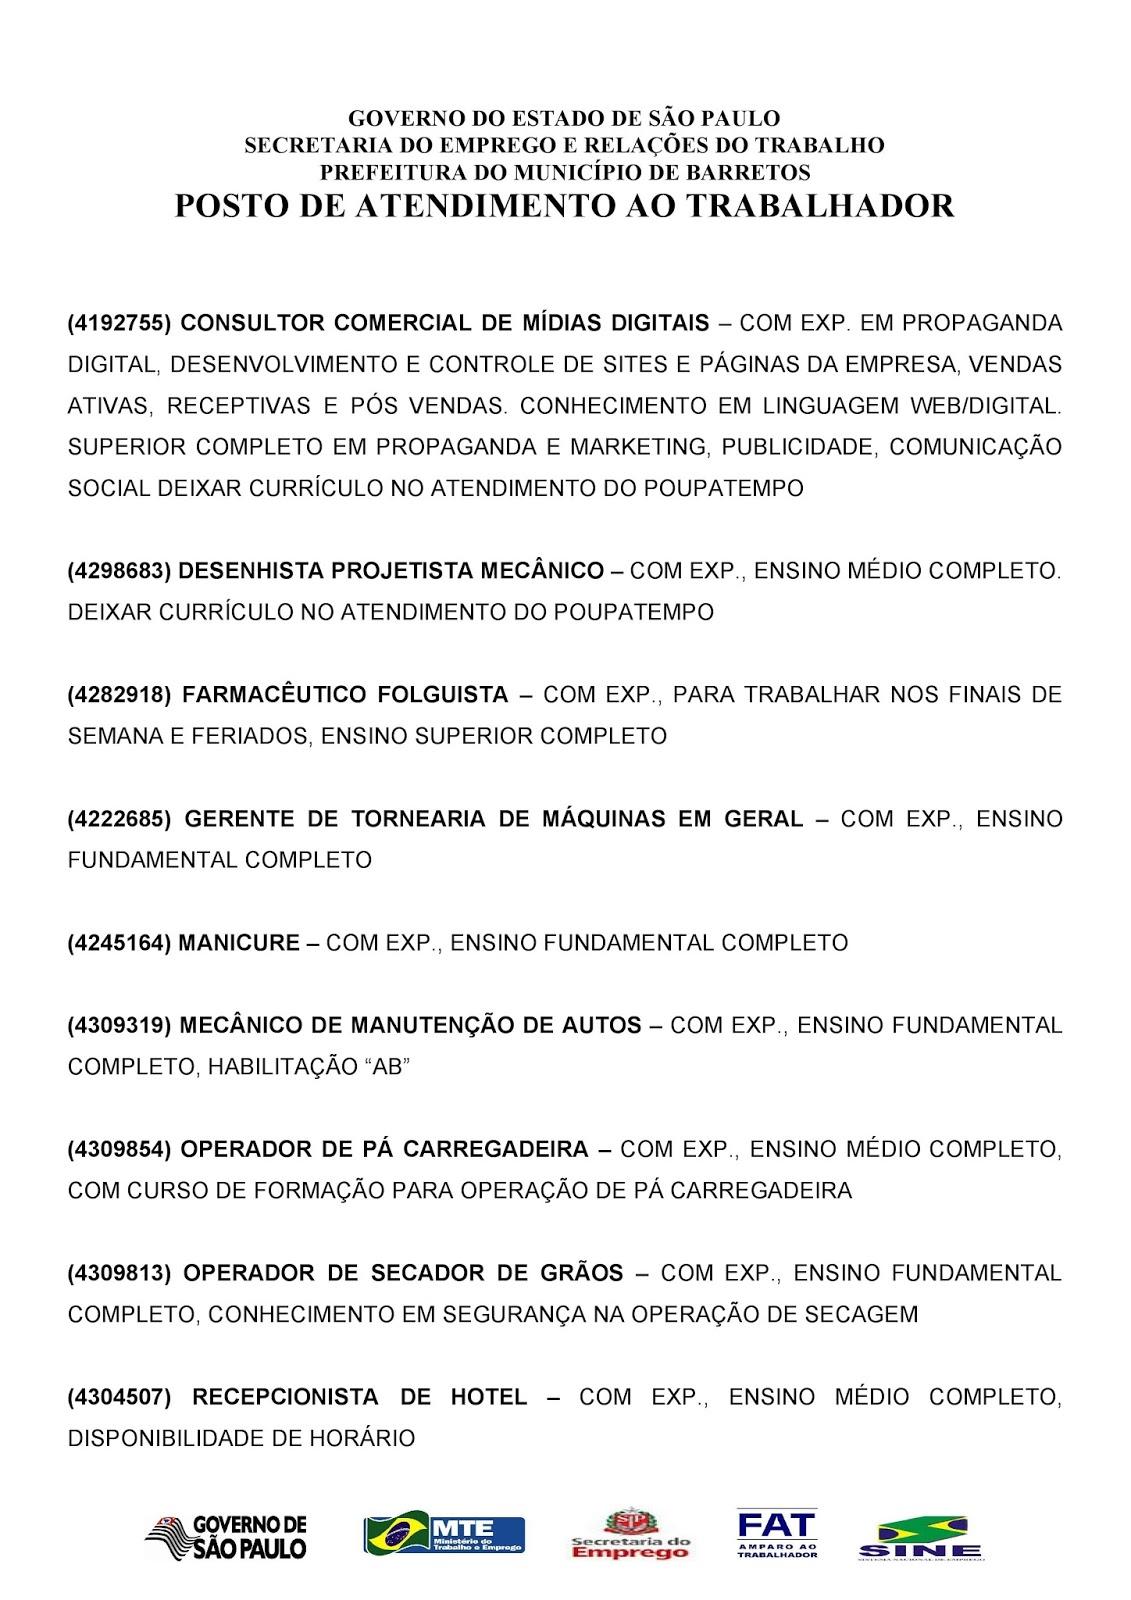 VAGAS DE EMPREGO DO PAT BARRETOS-SP PARA 23/11/2017 QUINTA-FEIRA - Pag. 2